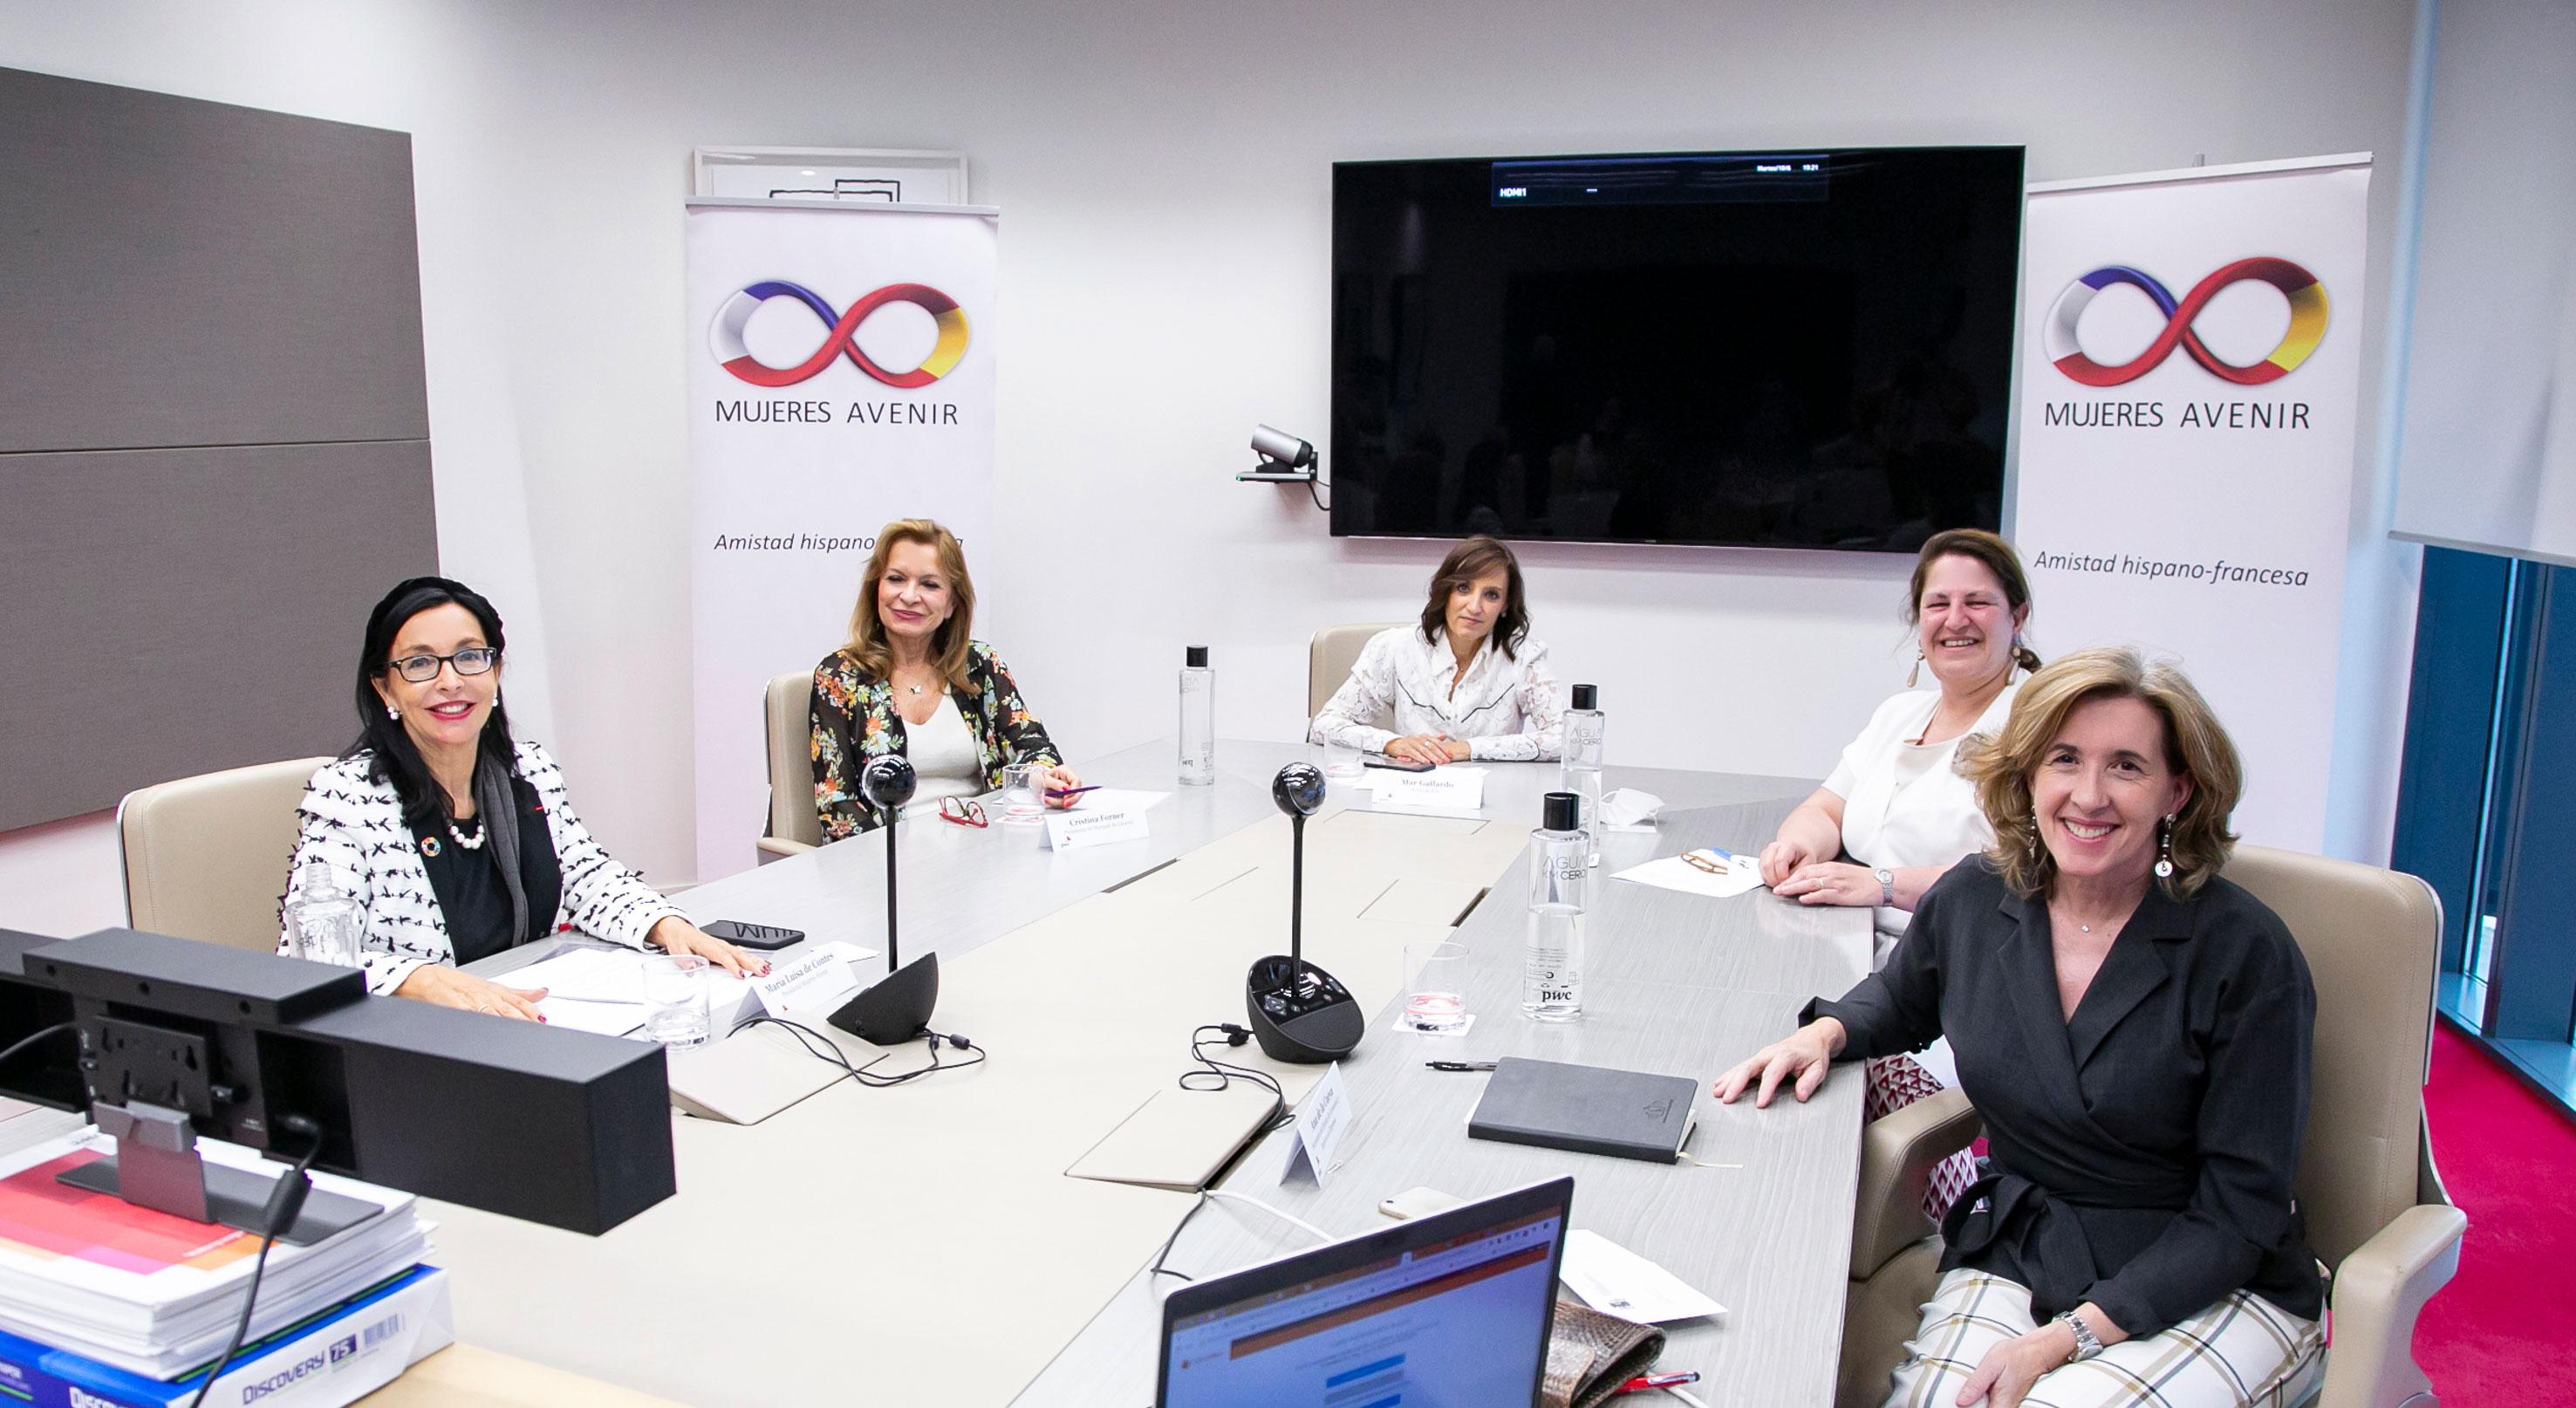 Asociación Mujeres Avenir 1